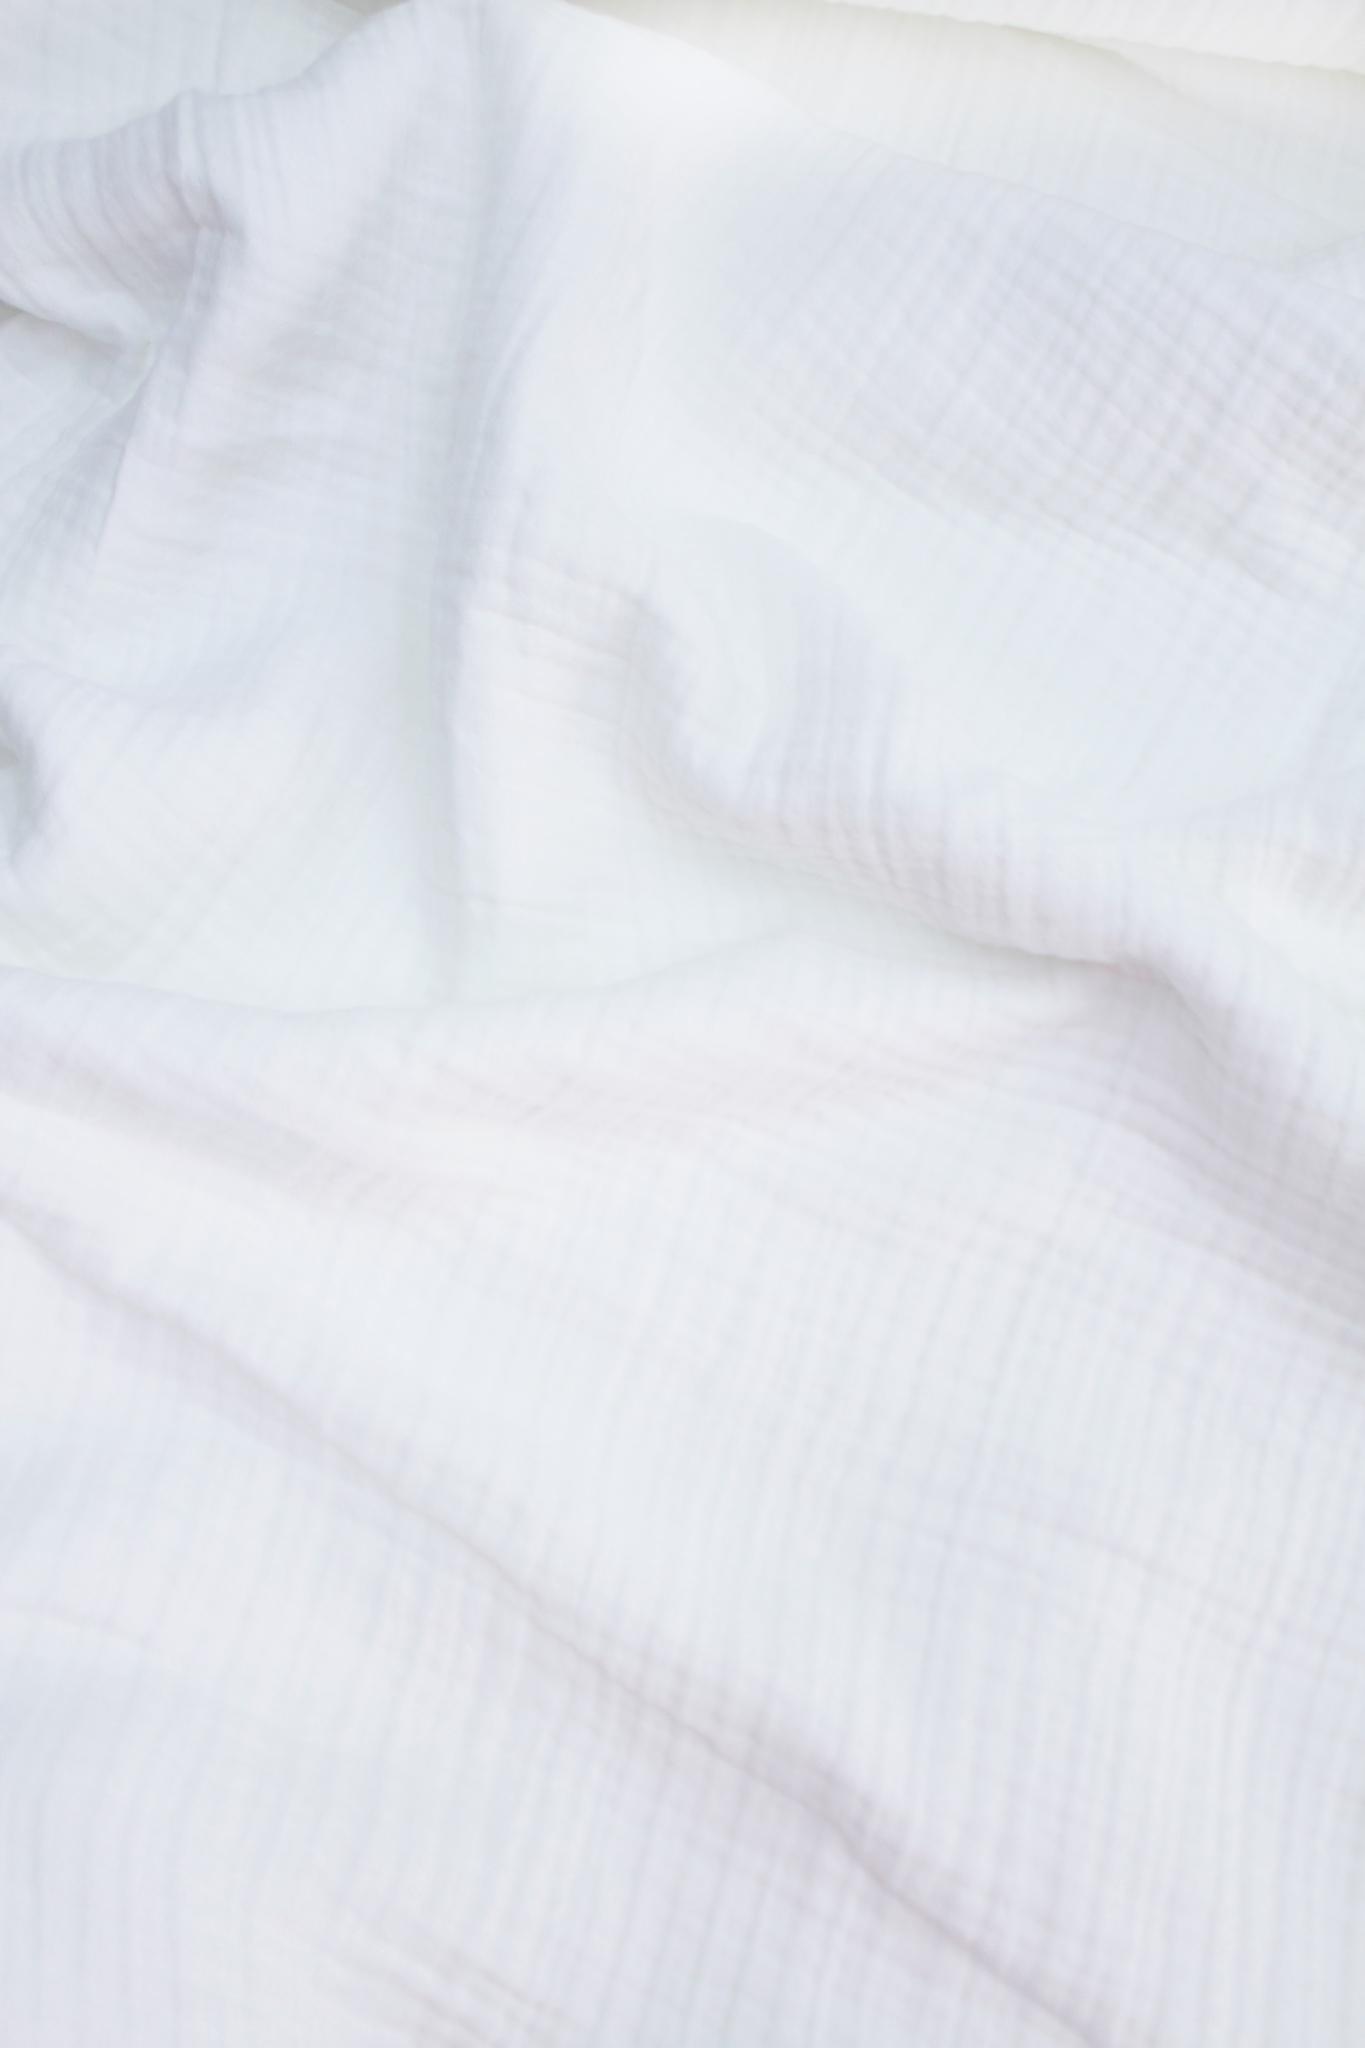 Ткань муслиновая, 4 слоя, белый, ширина 240см